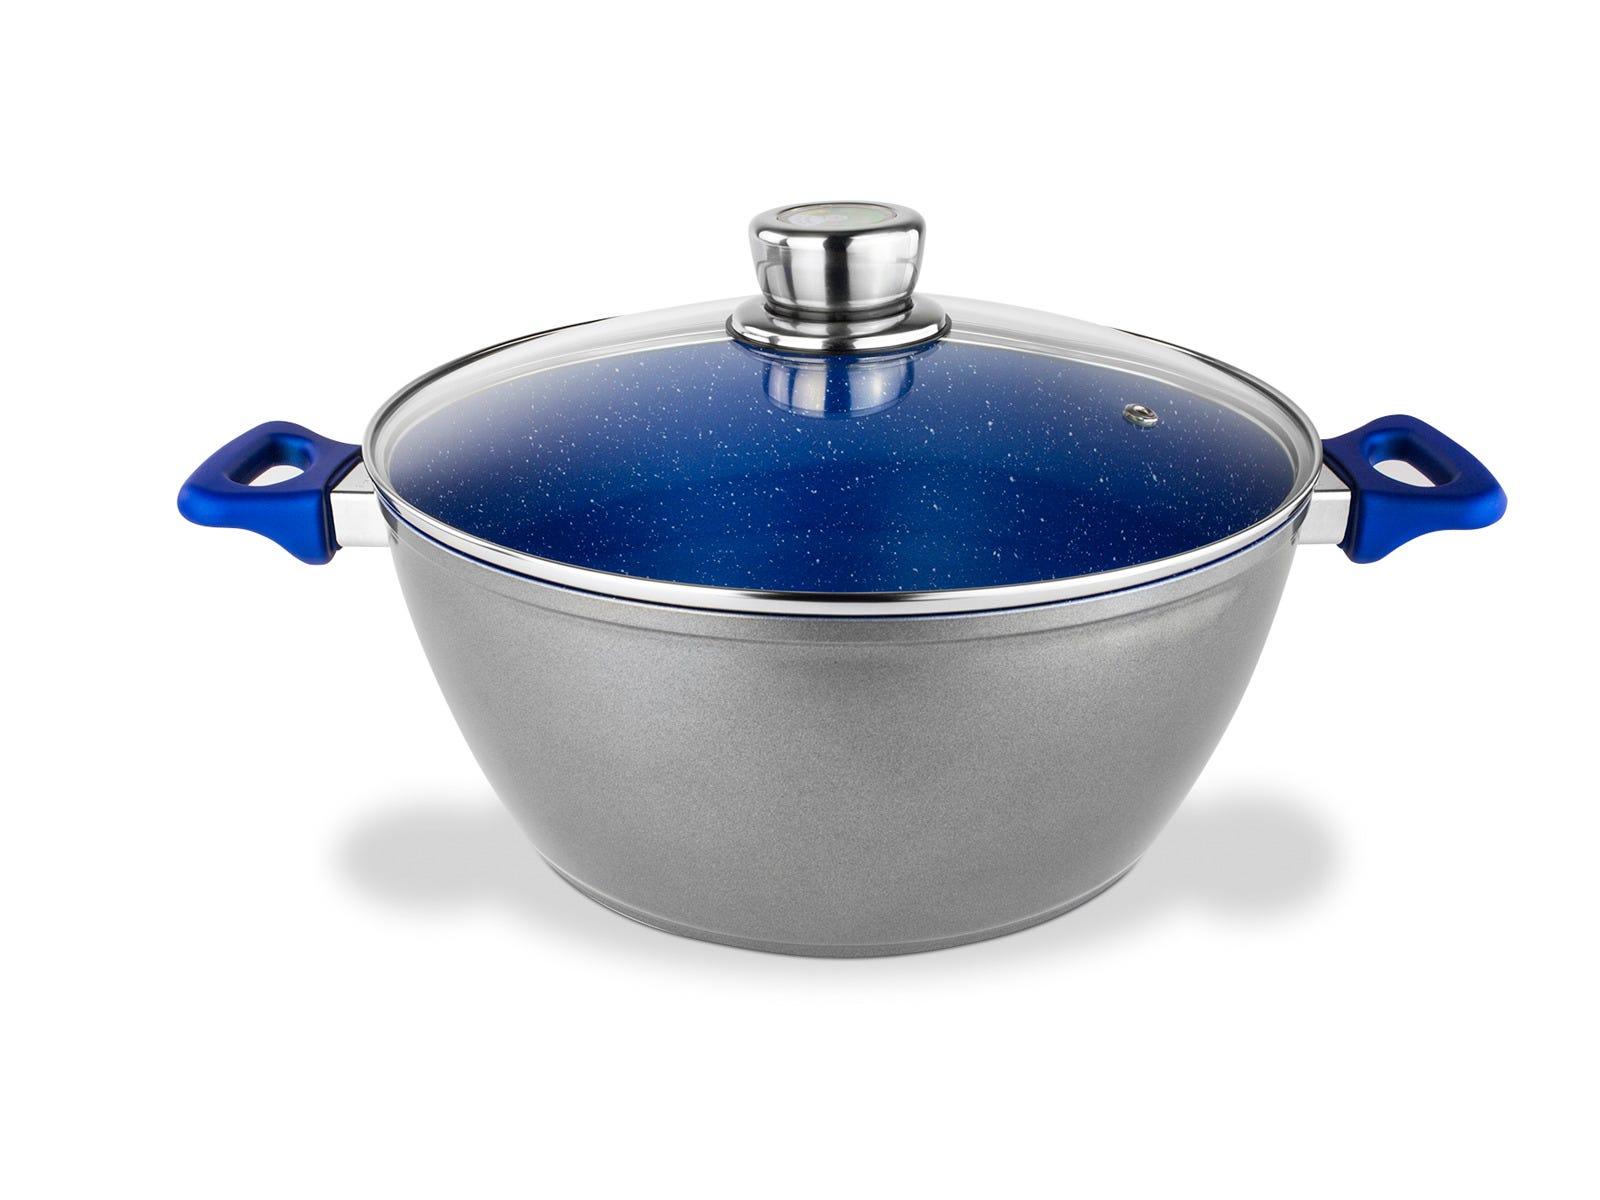 Cacerola de acero inoxidable con tapa Flavorstone® de 24 cm color azul